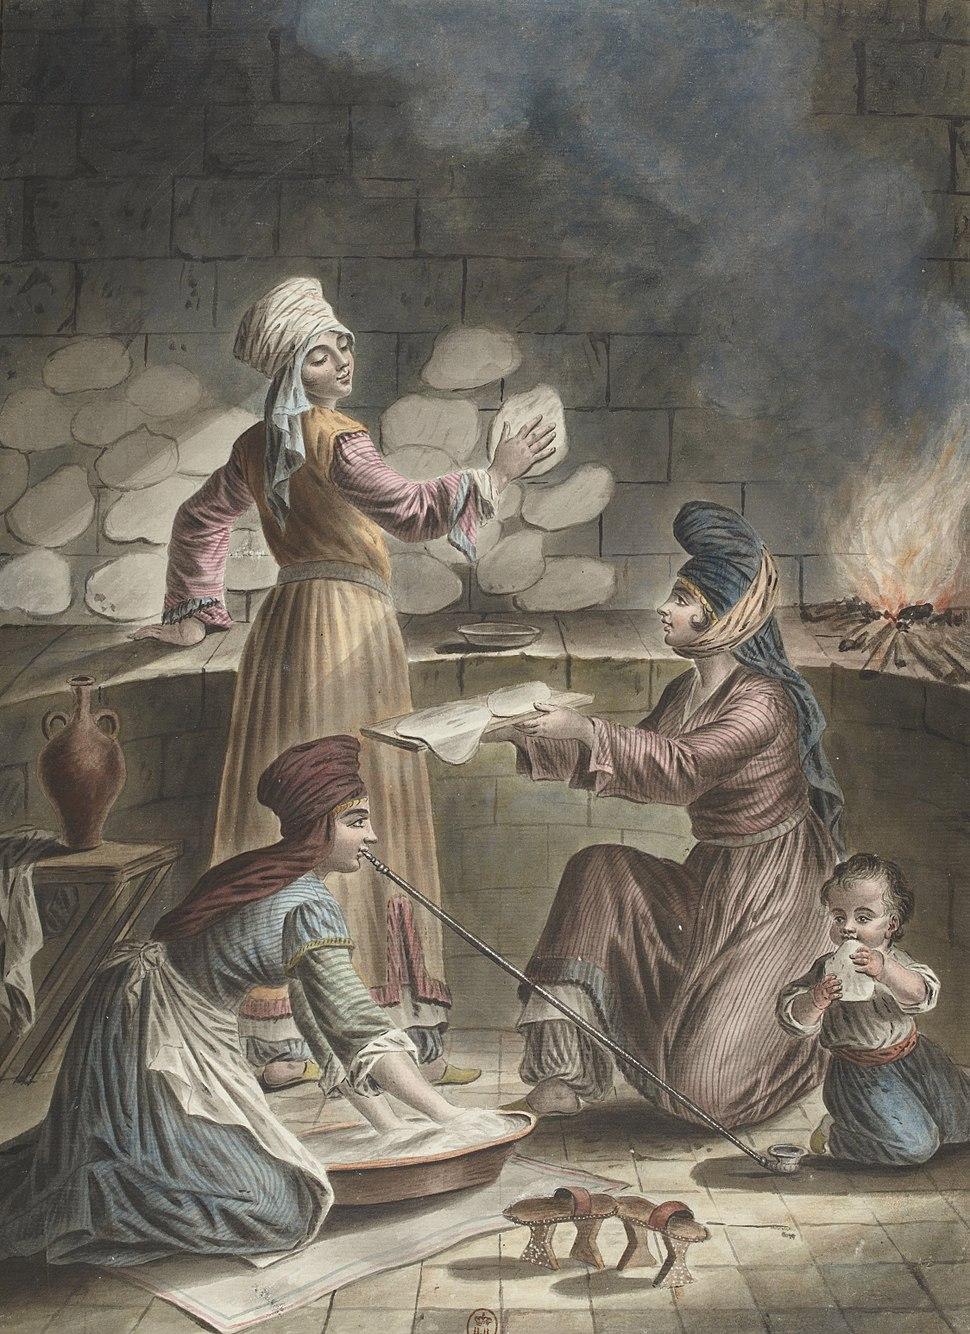 Fran%C3%A7ois-Marie Rosset - Femmes Turcs turques de Serquin, leur mani%C3%A8re de faire leur pain - Syrie - 1790